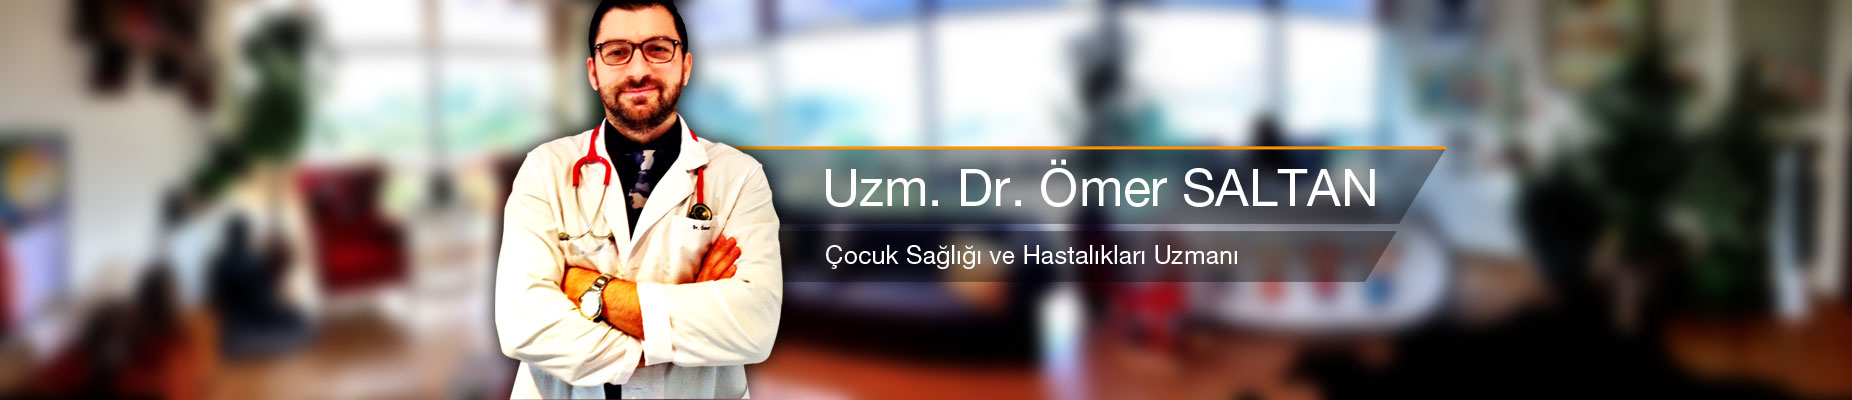 Dr. Ömer Saltan